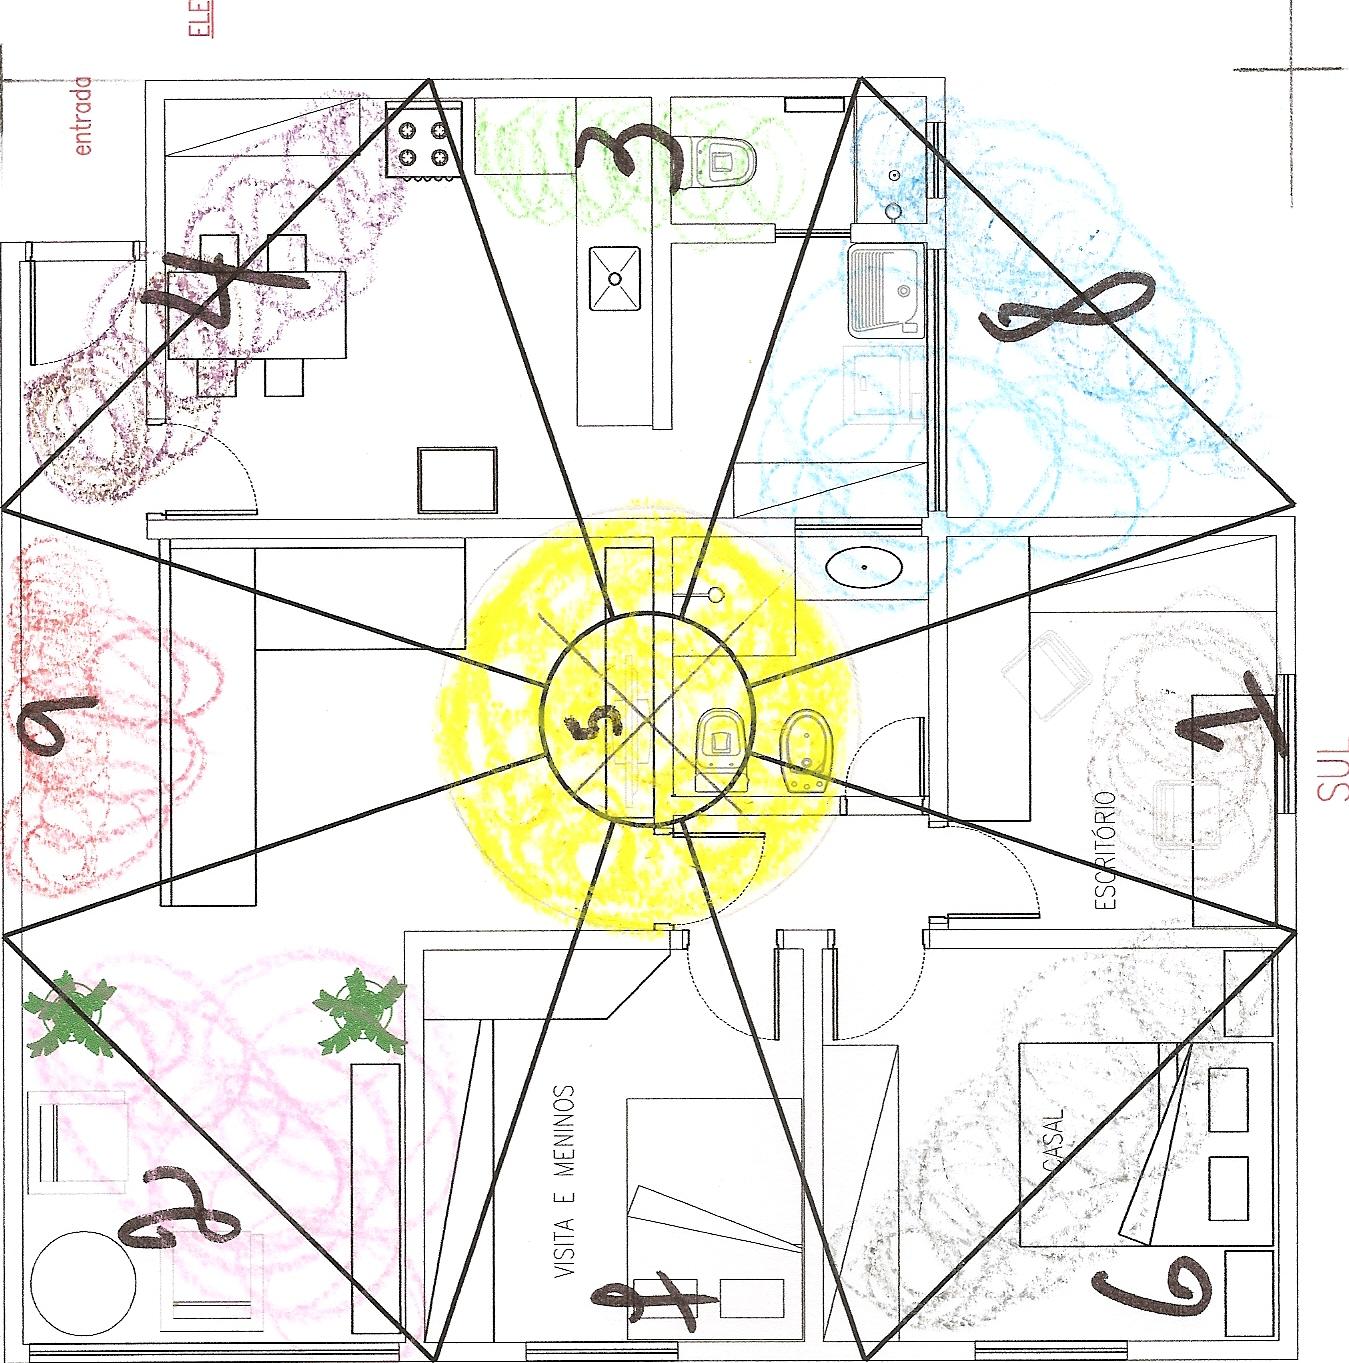 Planta baixa – Feng Shui Lógico: Método Solar das 4 Estações  #C2C209 1349 1363